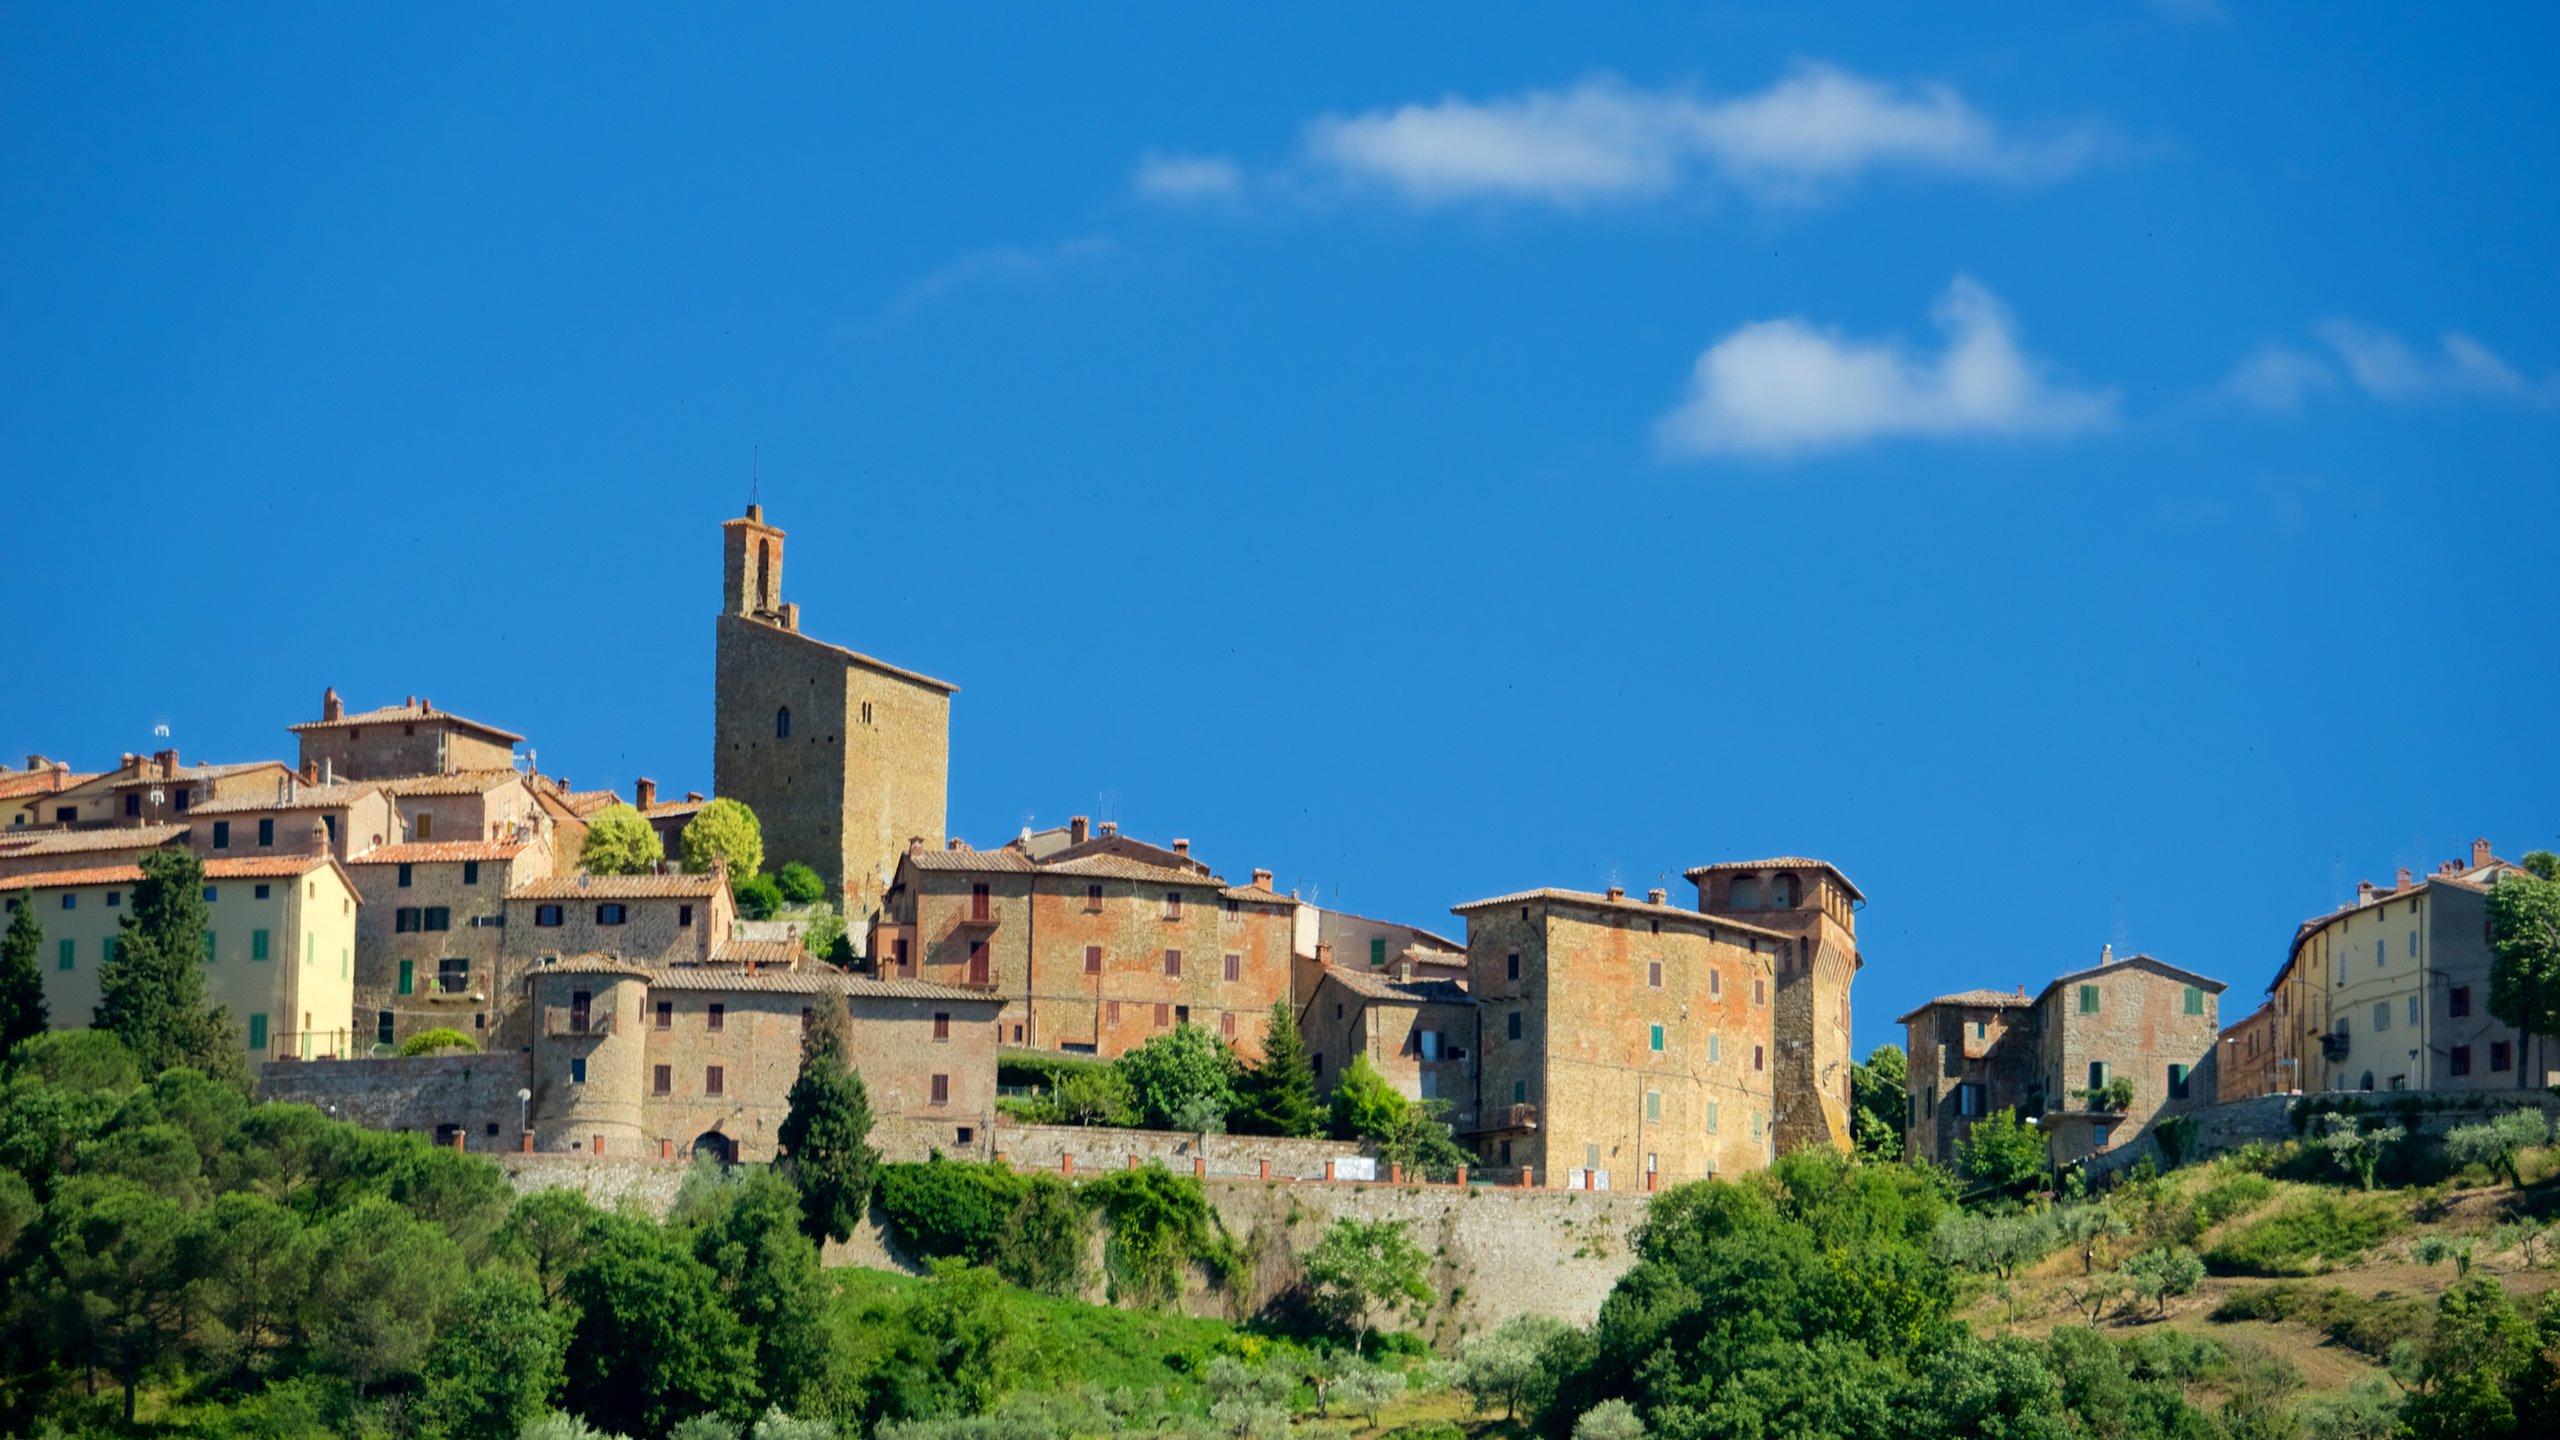 Panicale, Umbrien, Italien